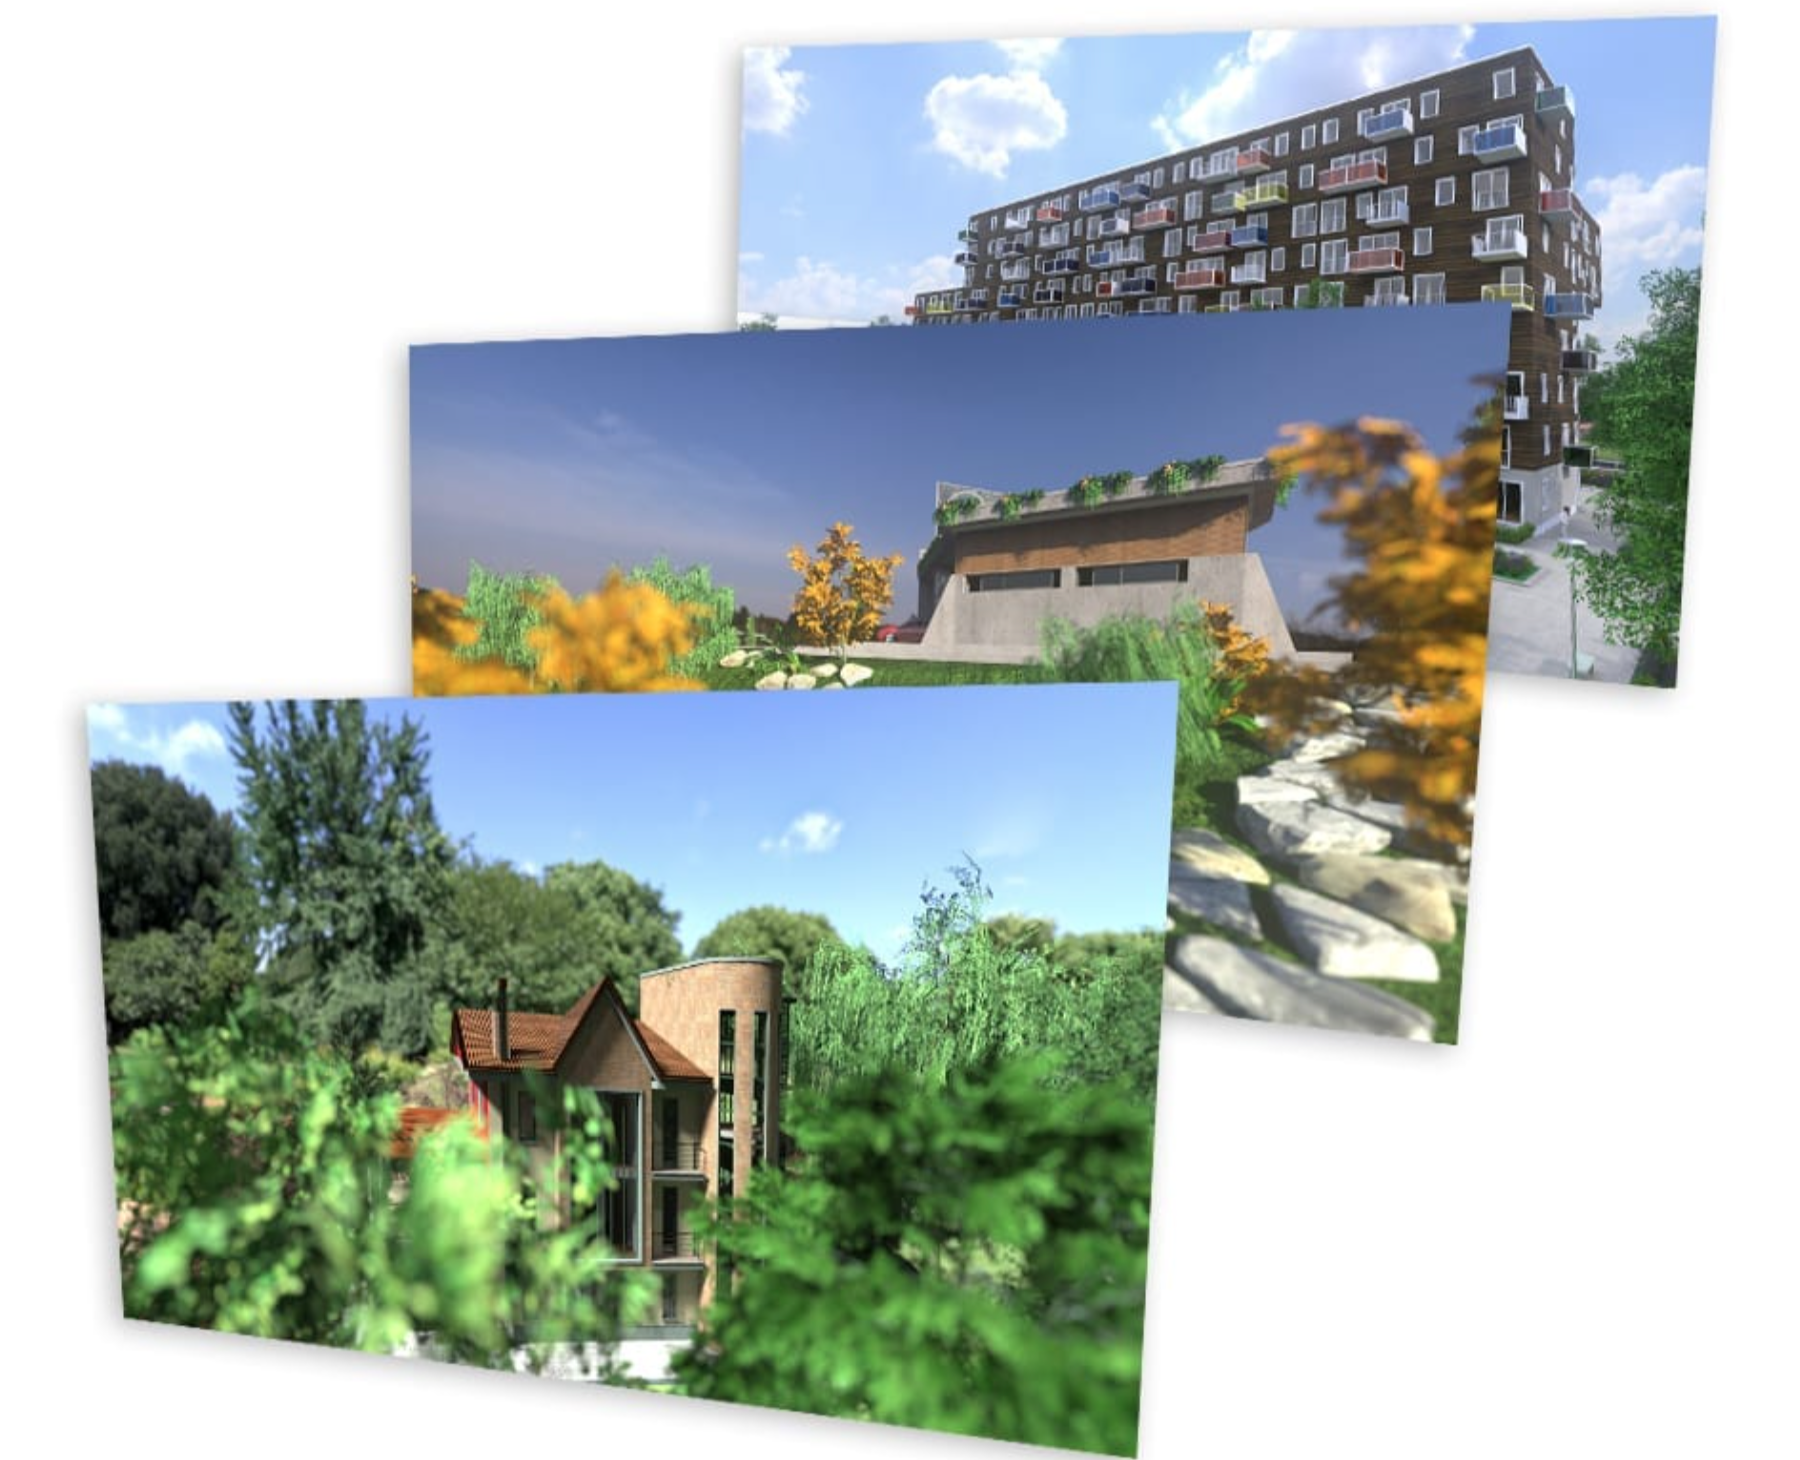 Presentaciones BIM Software para paisajismo